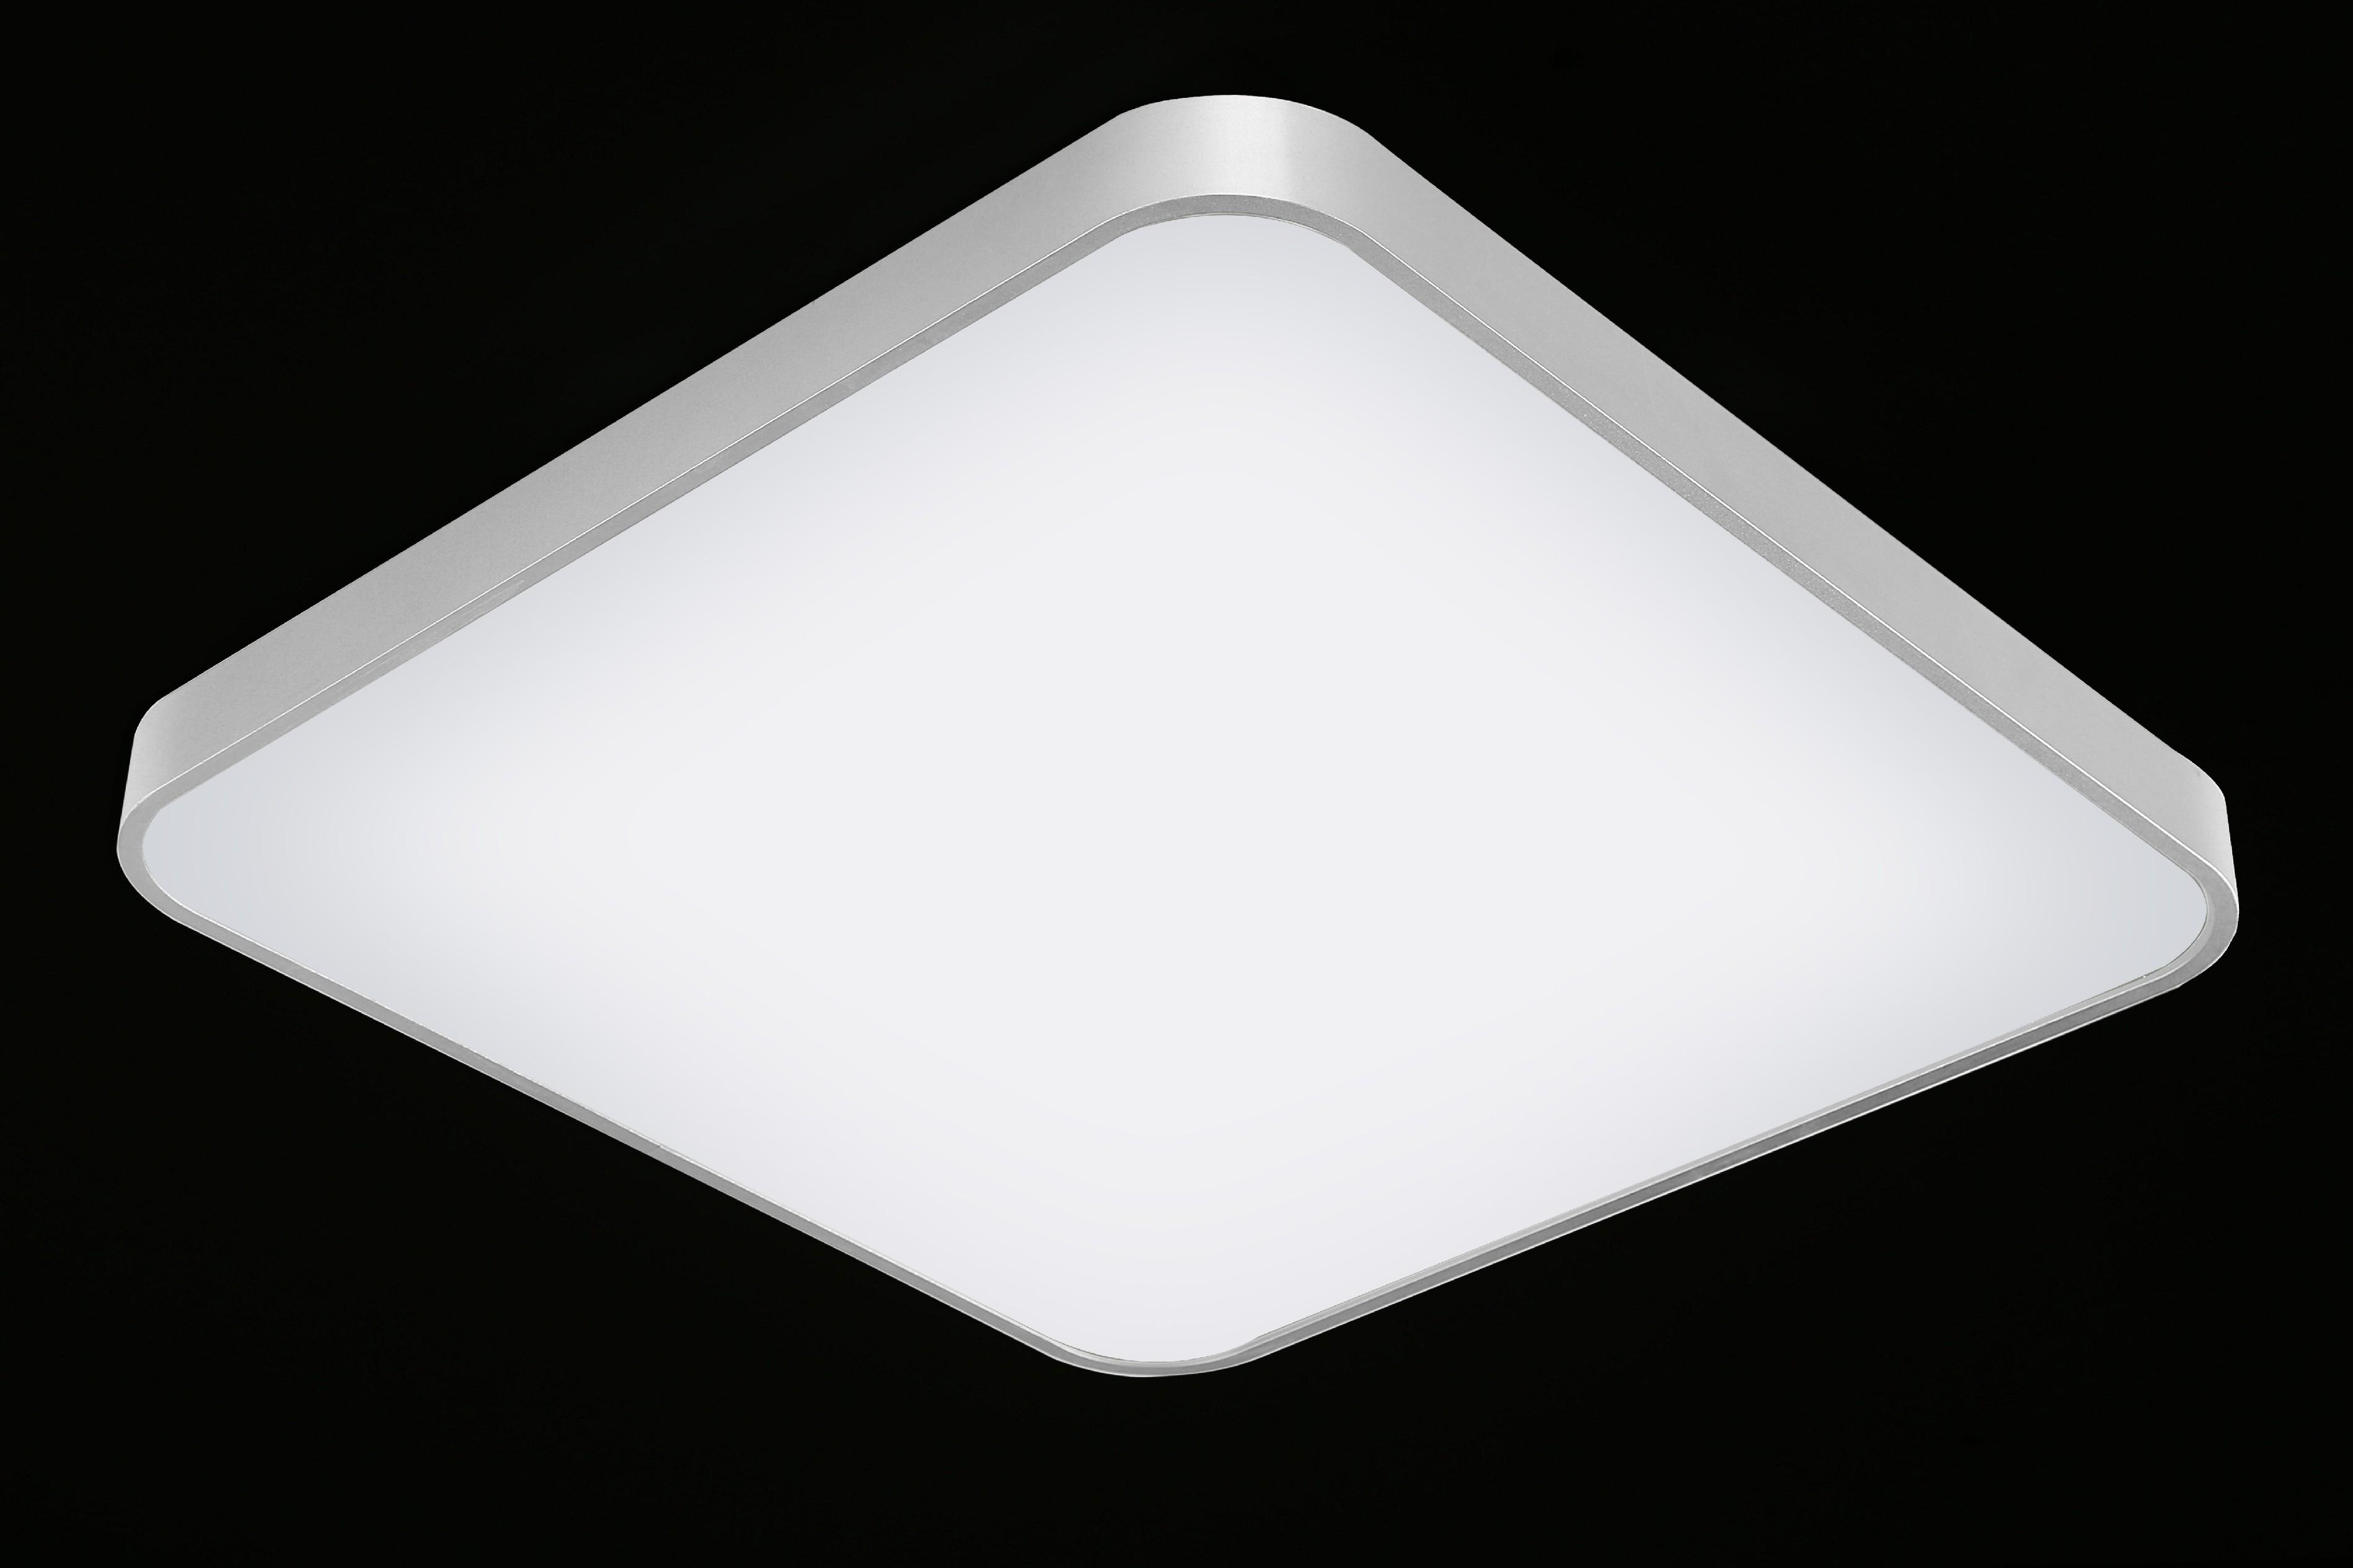 Inteligentní ECO LED svítidlo - Dalen DL-Q50TW WiFi + LED lampička Solight s klipem (různé barvy)